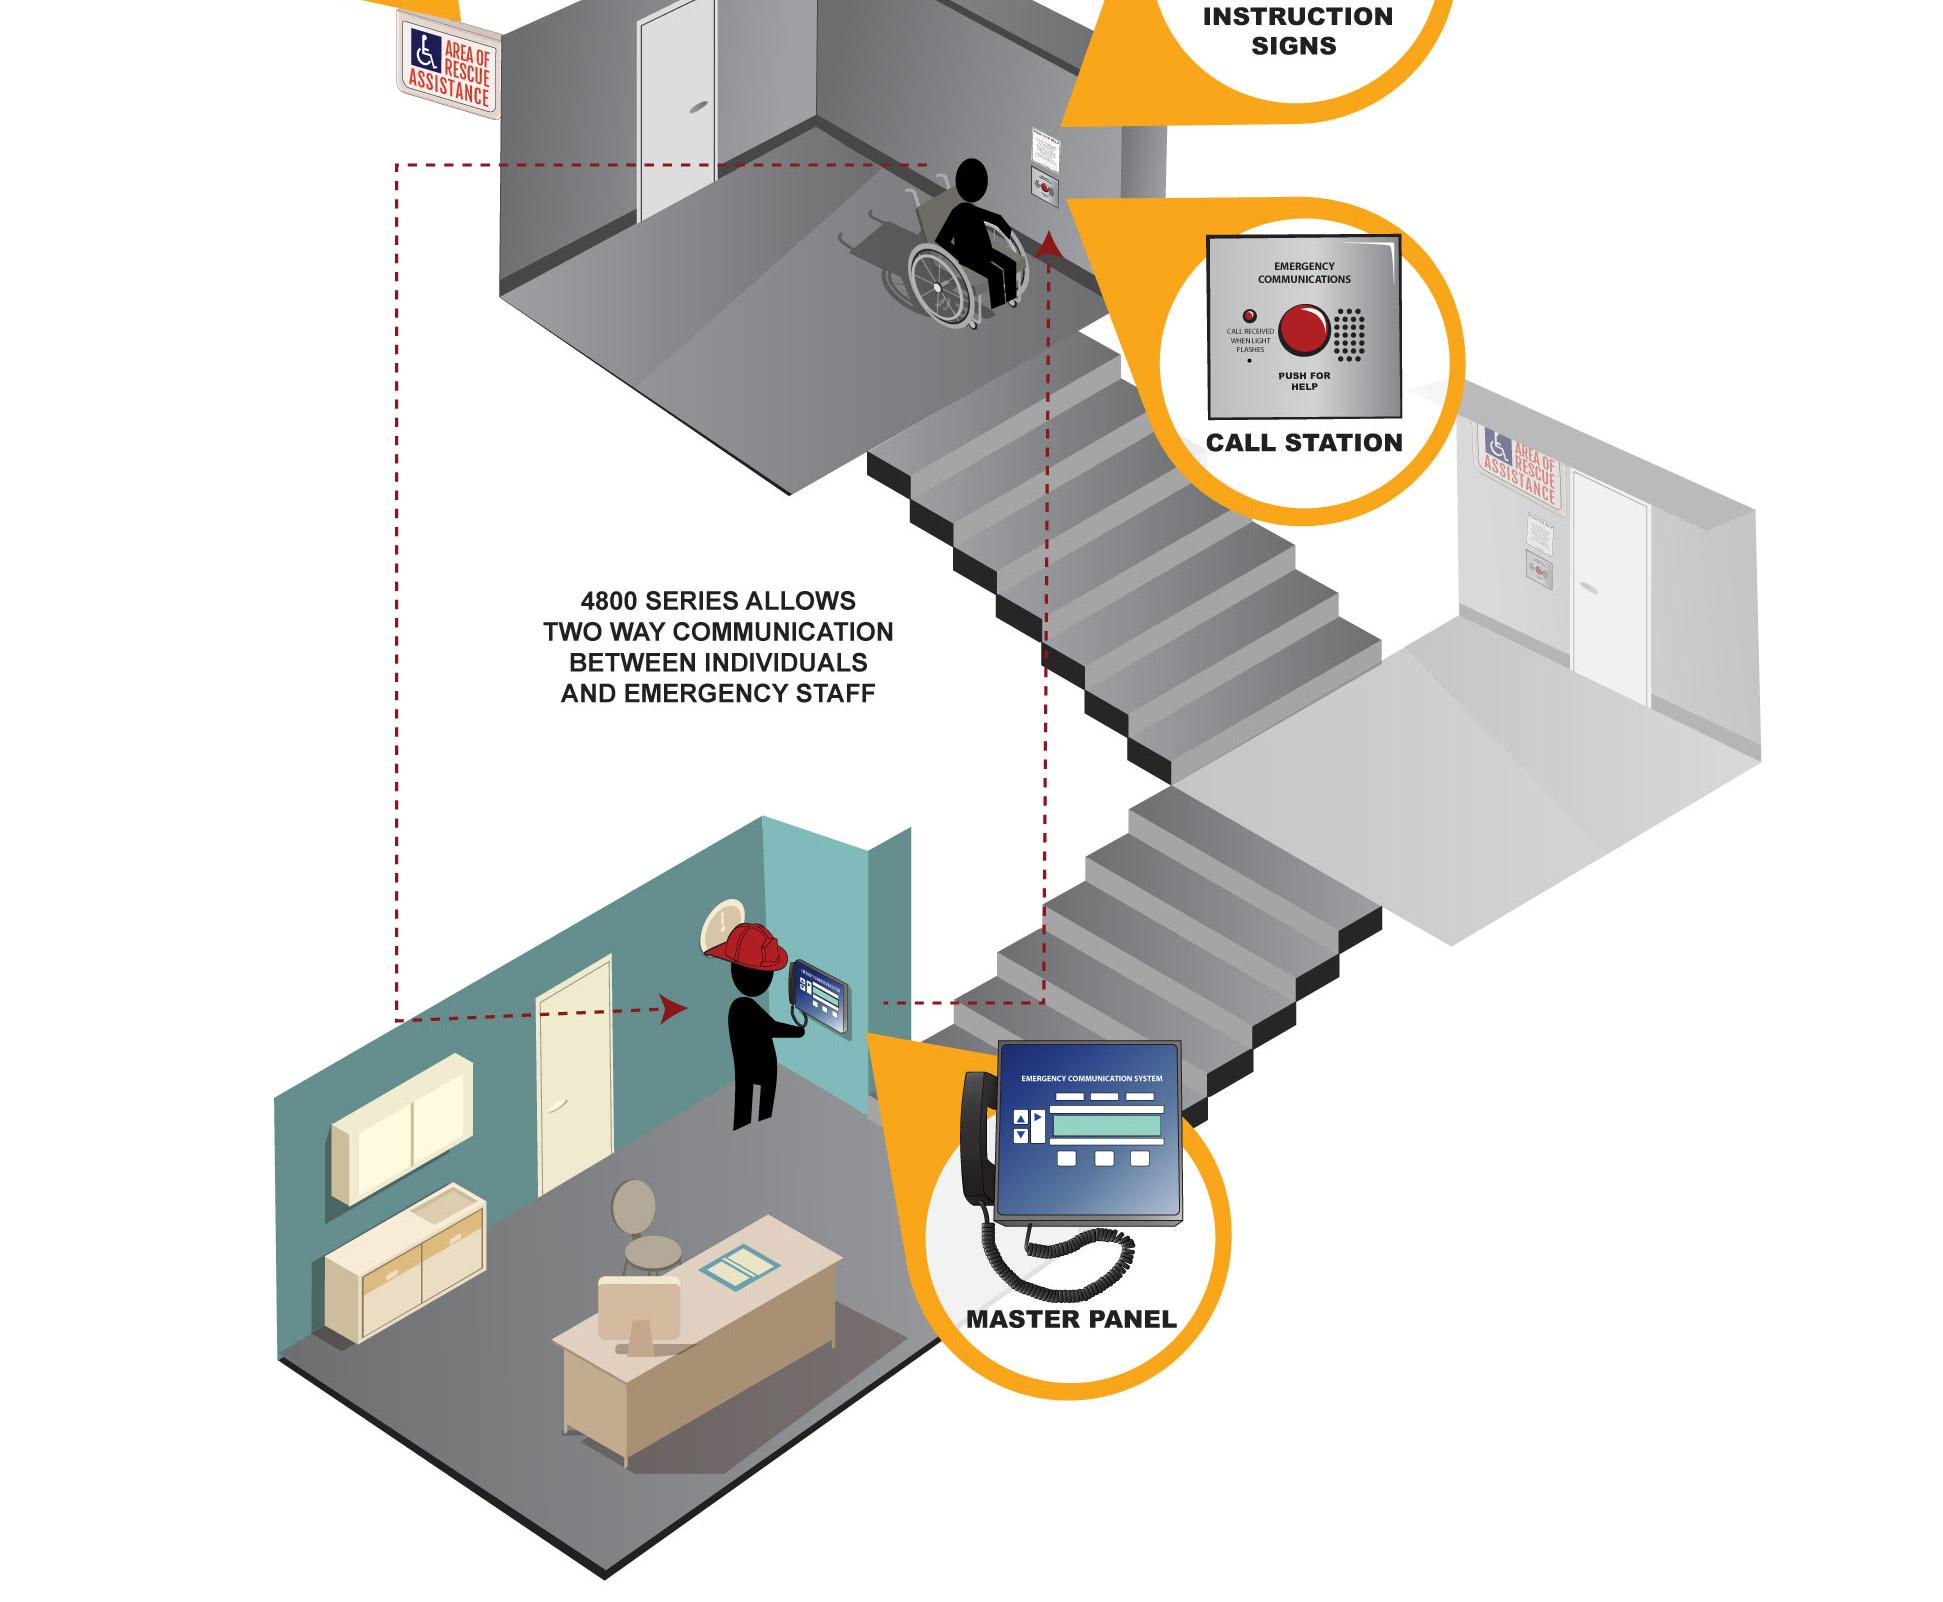 hight resolution of area of refuge pricing refuge alarm